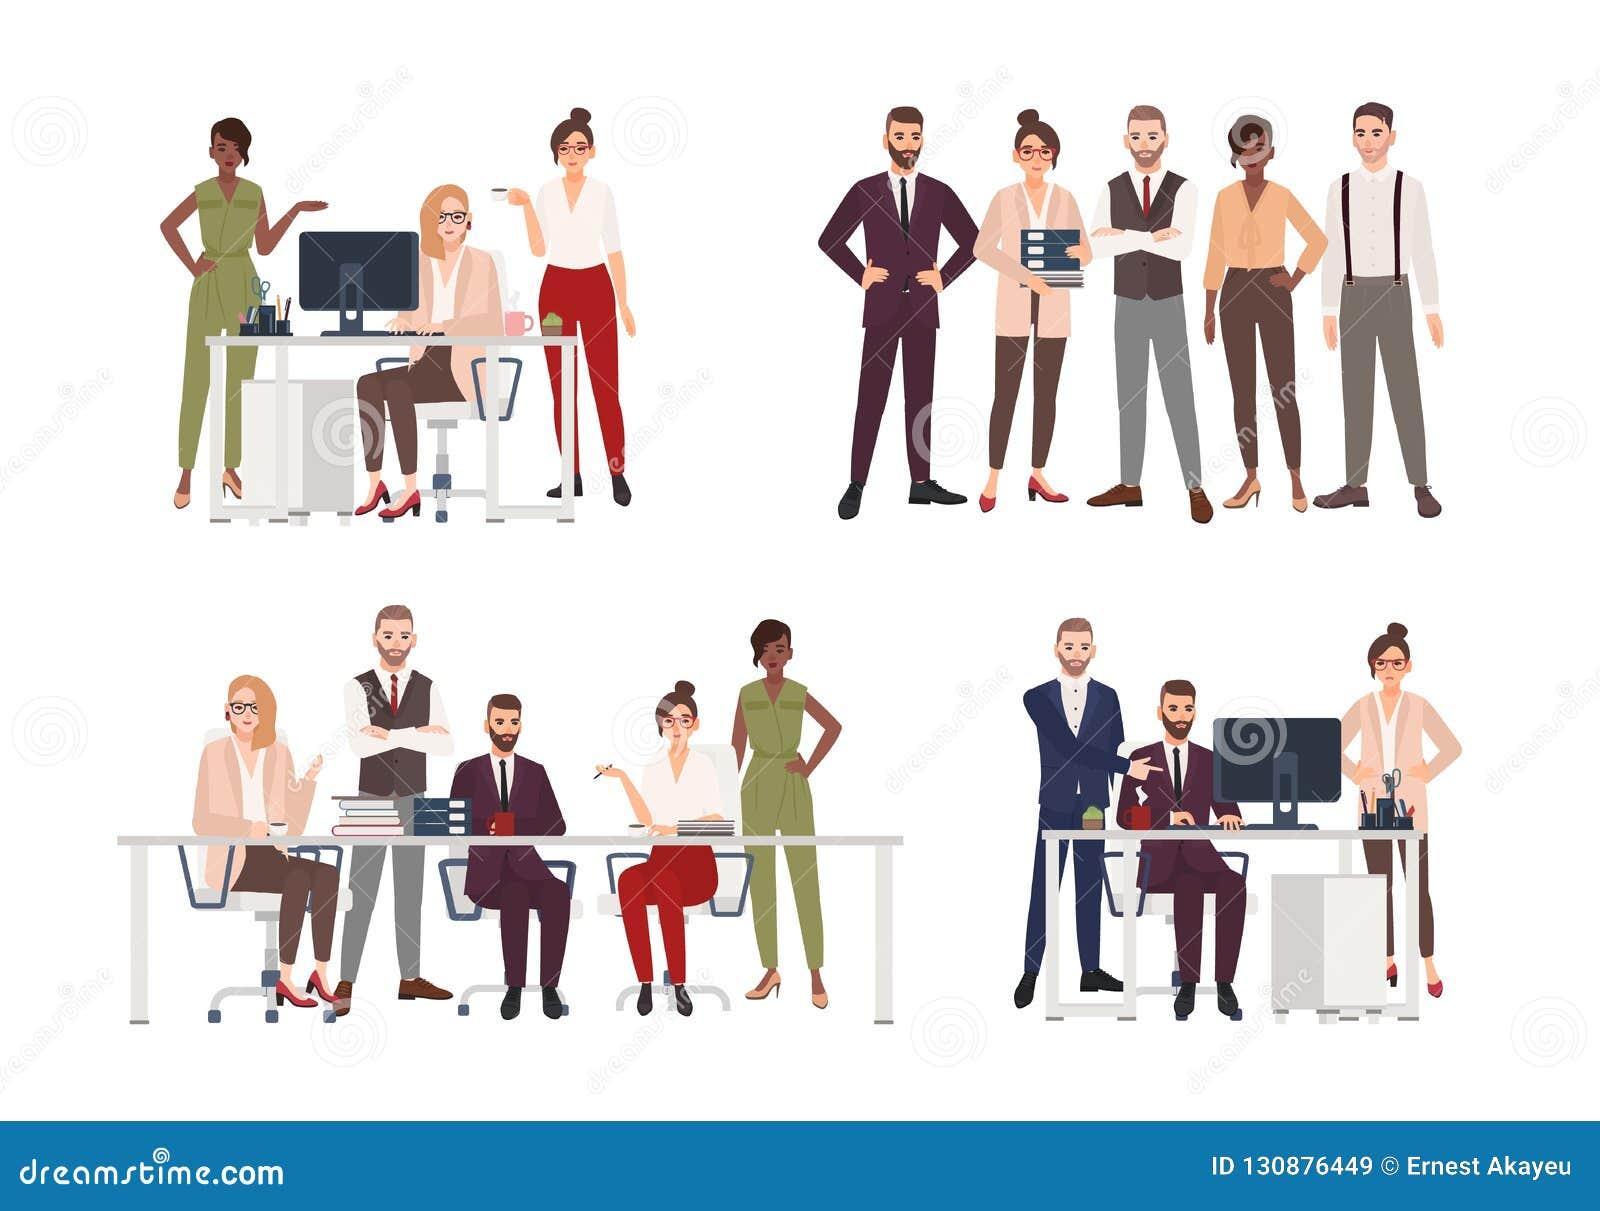 Inzameling van scènes met groep beambten of mensen die aan computer werken, die commerciële vergadering hebben of